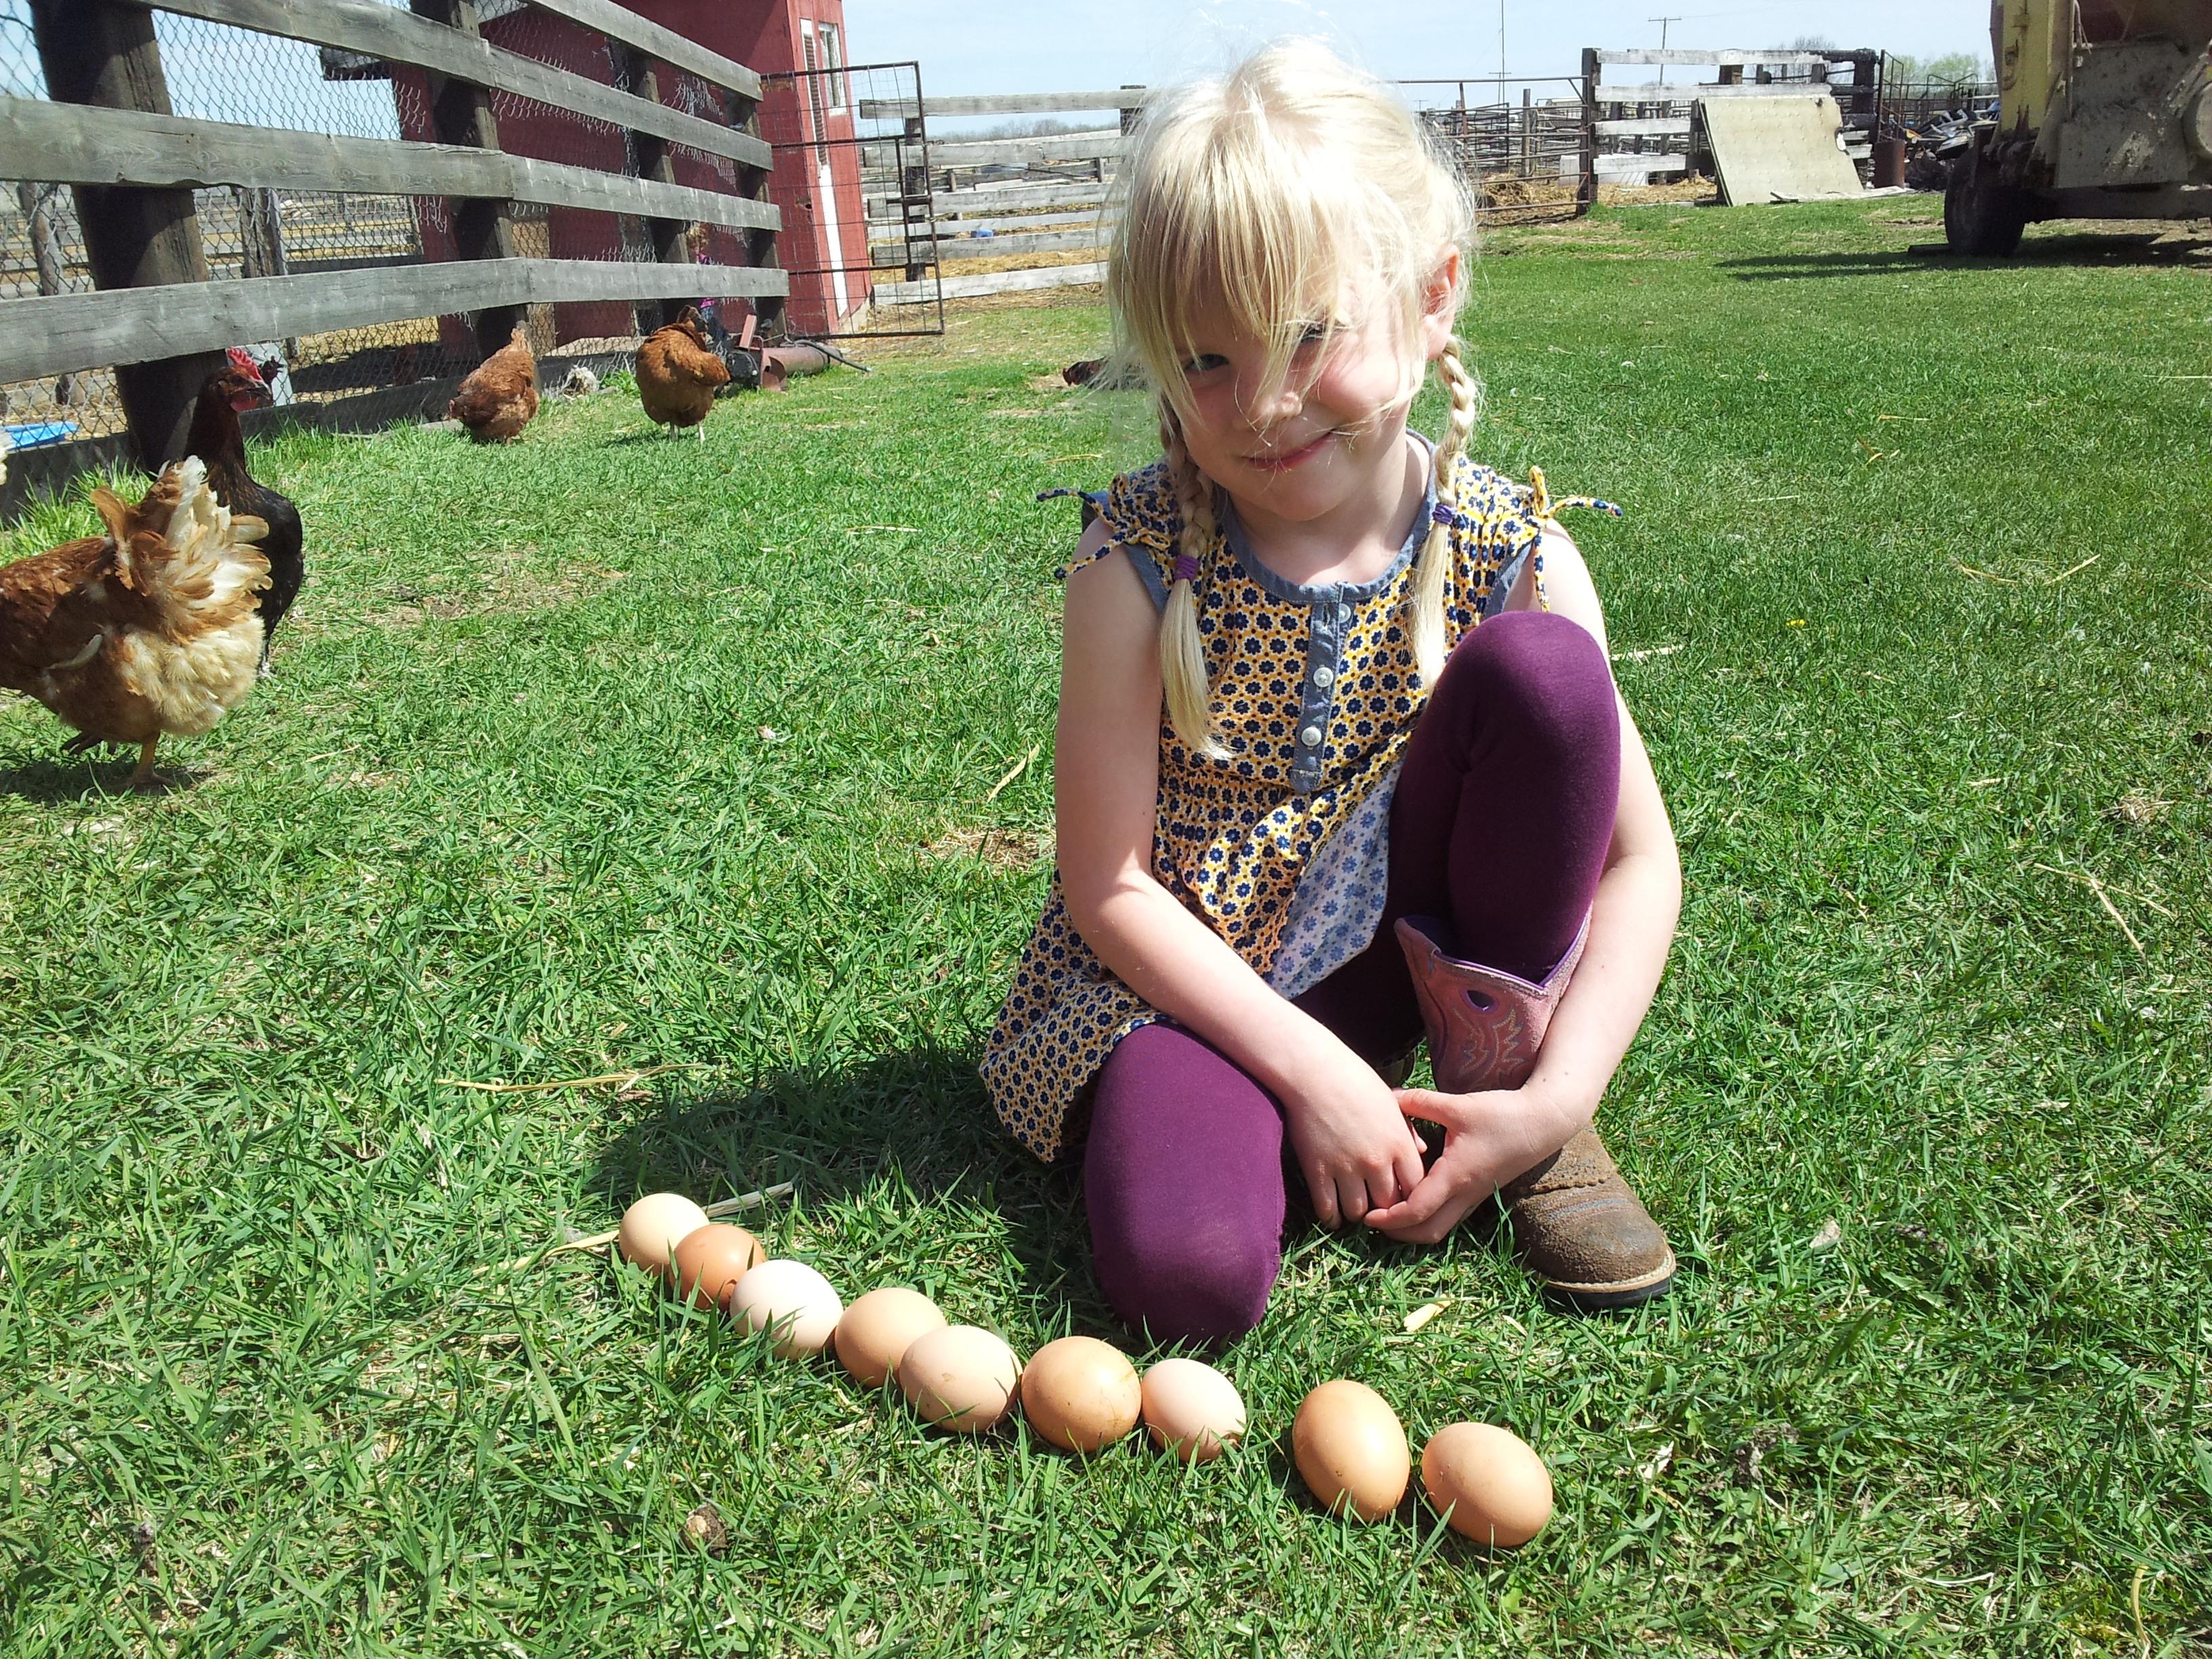 Jessie loves her hens.